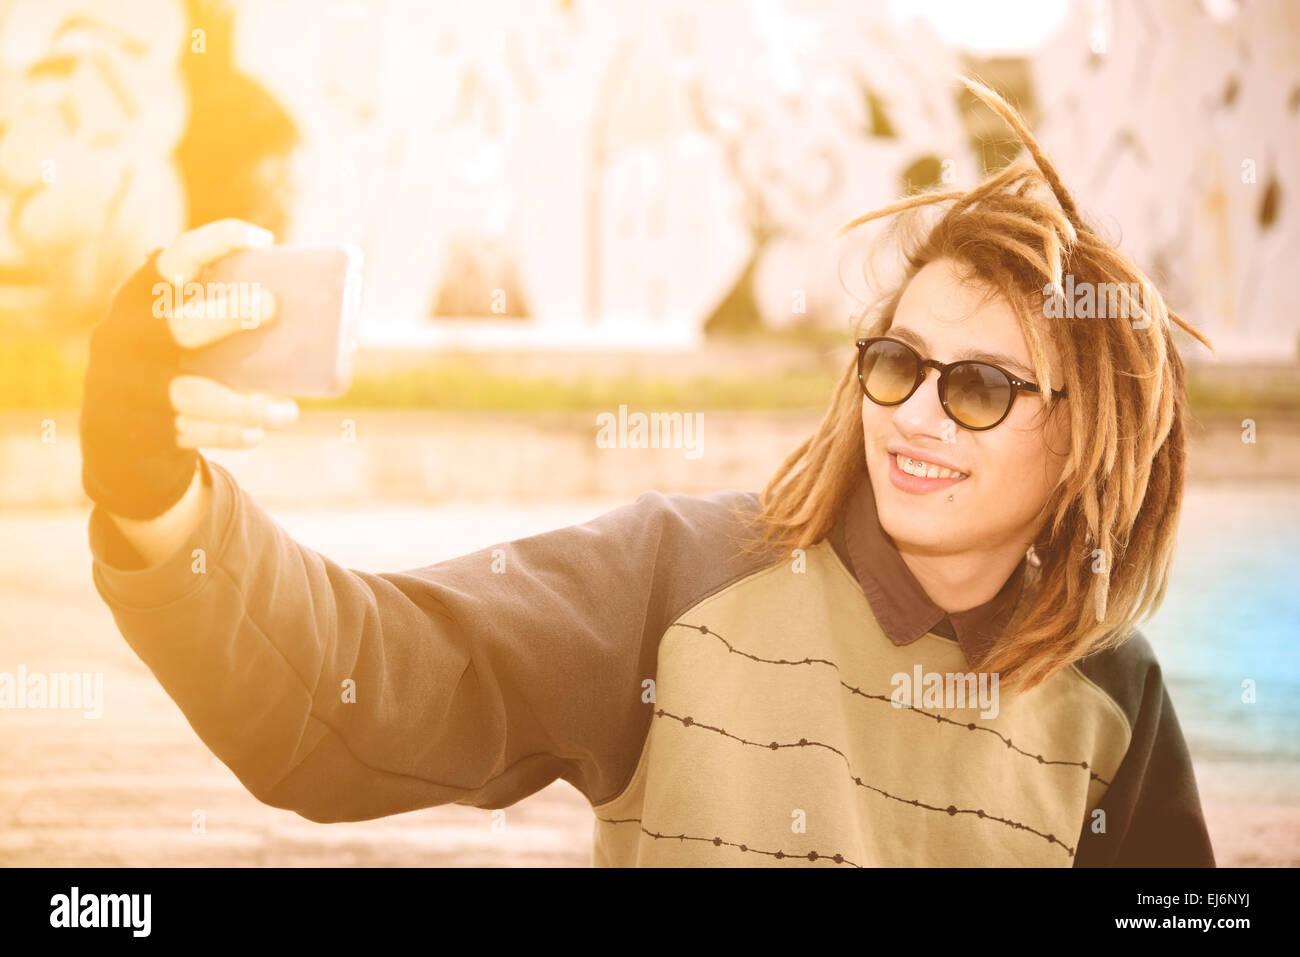 Porträt des jungen Kerl im Freien mit Rasta Haar Lächeln mit Smartphone in ein Lifestyle-Konzept mit einem Stockbild